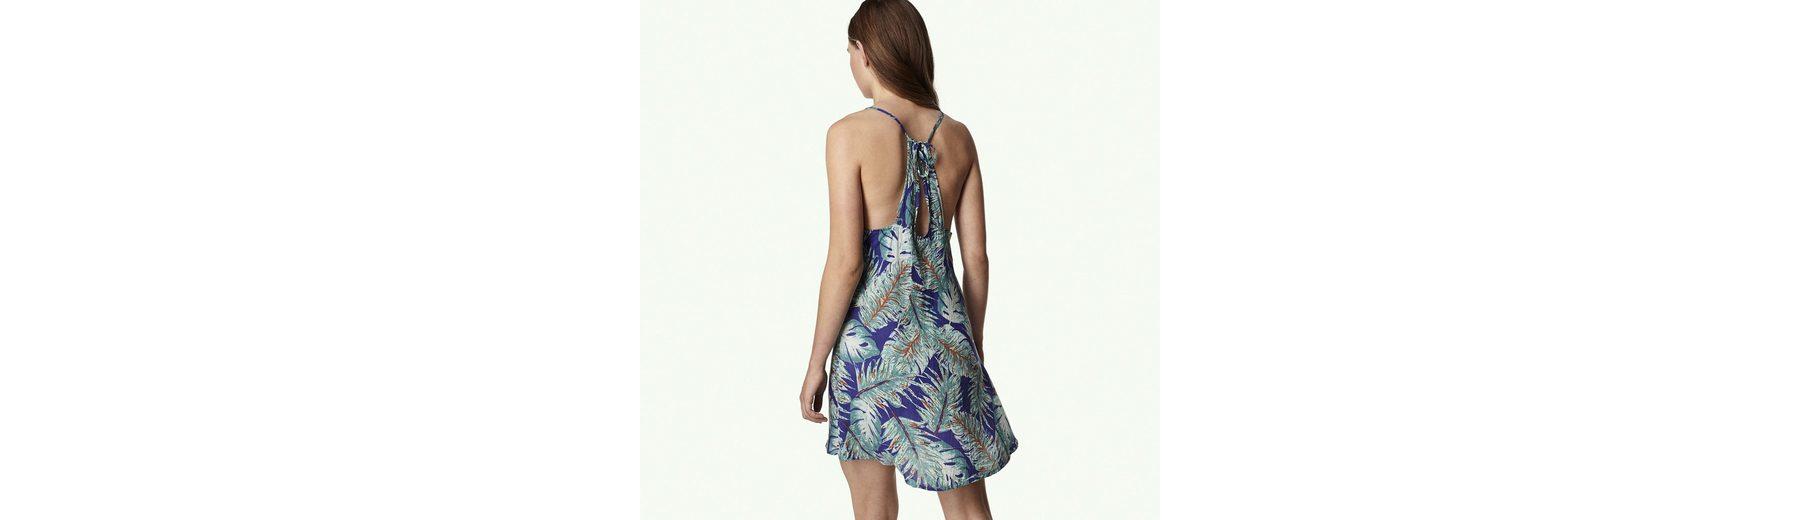 Günstig Kaufen Finish O'Neill Kleider kurz Rosebowl dress Genießen Günstig Online Billig Verkauf Bestes Geschäft Zu Bekommen Spielraum Ck2KbF